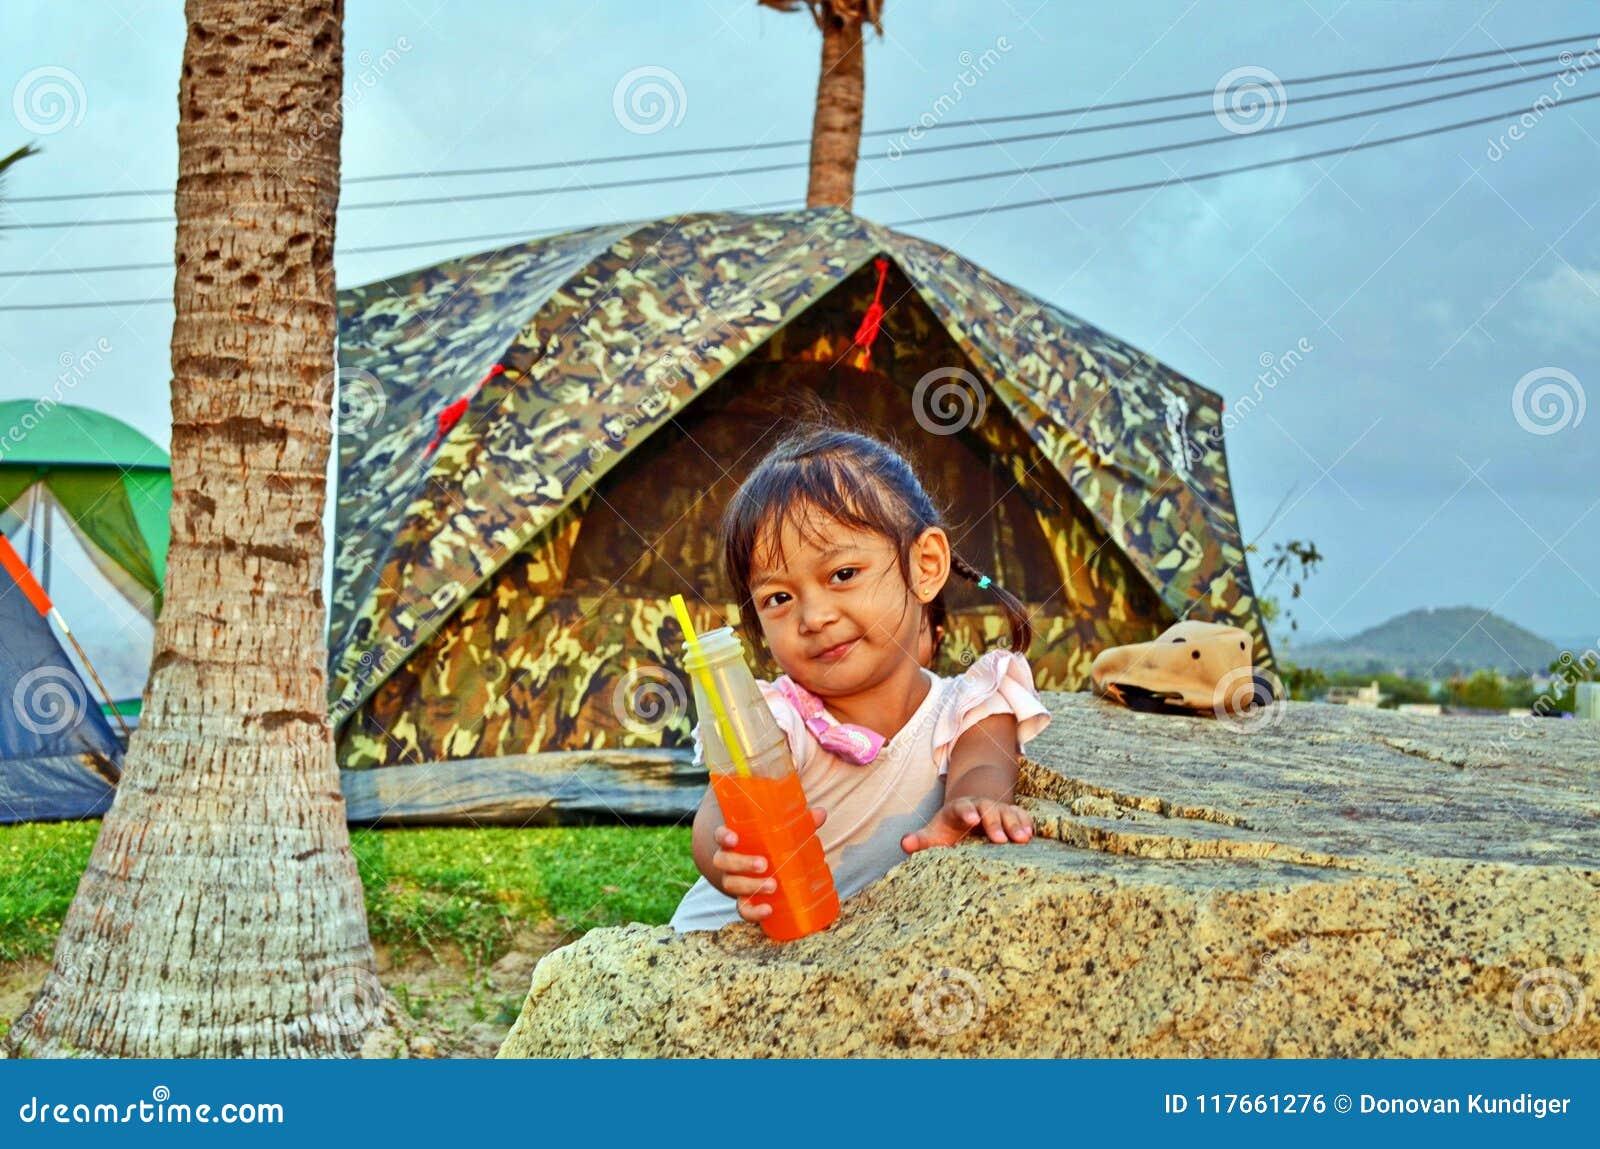 La jeune fille offre son orangeade dans un terrain de camping